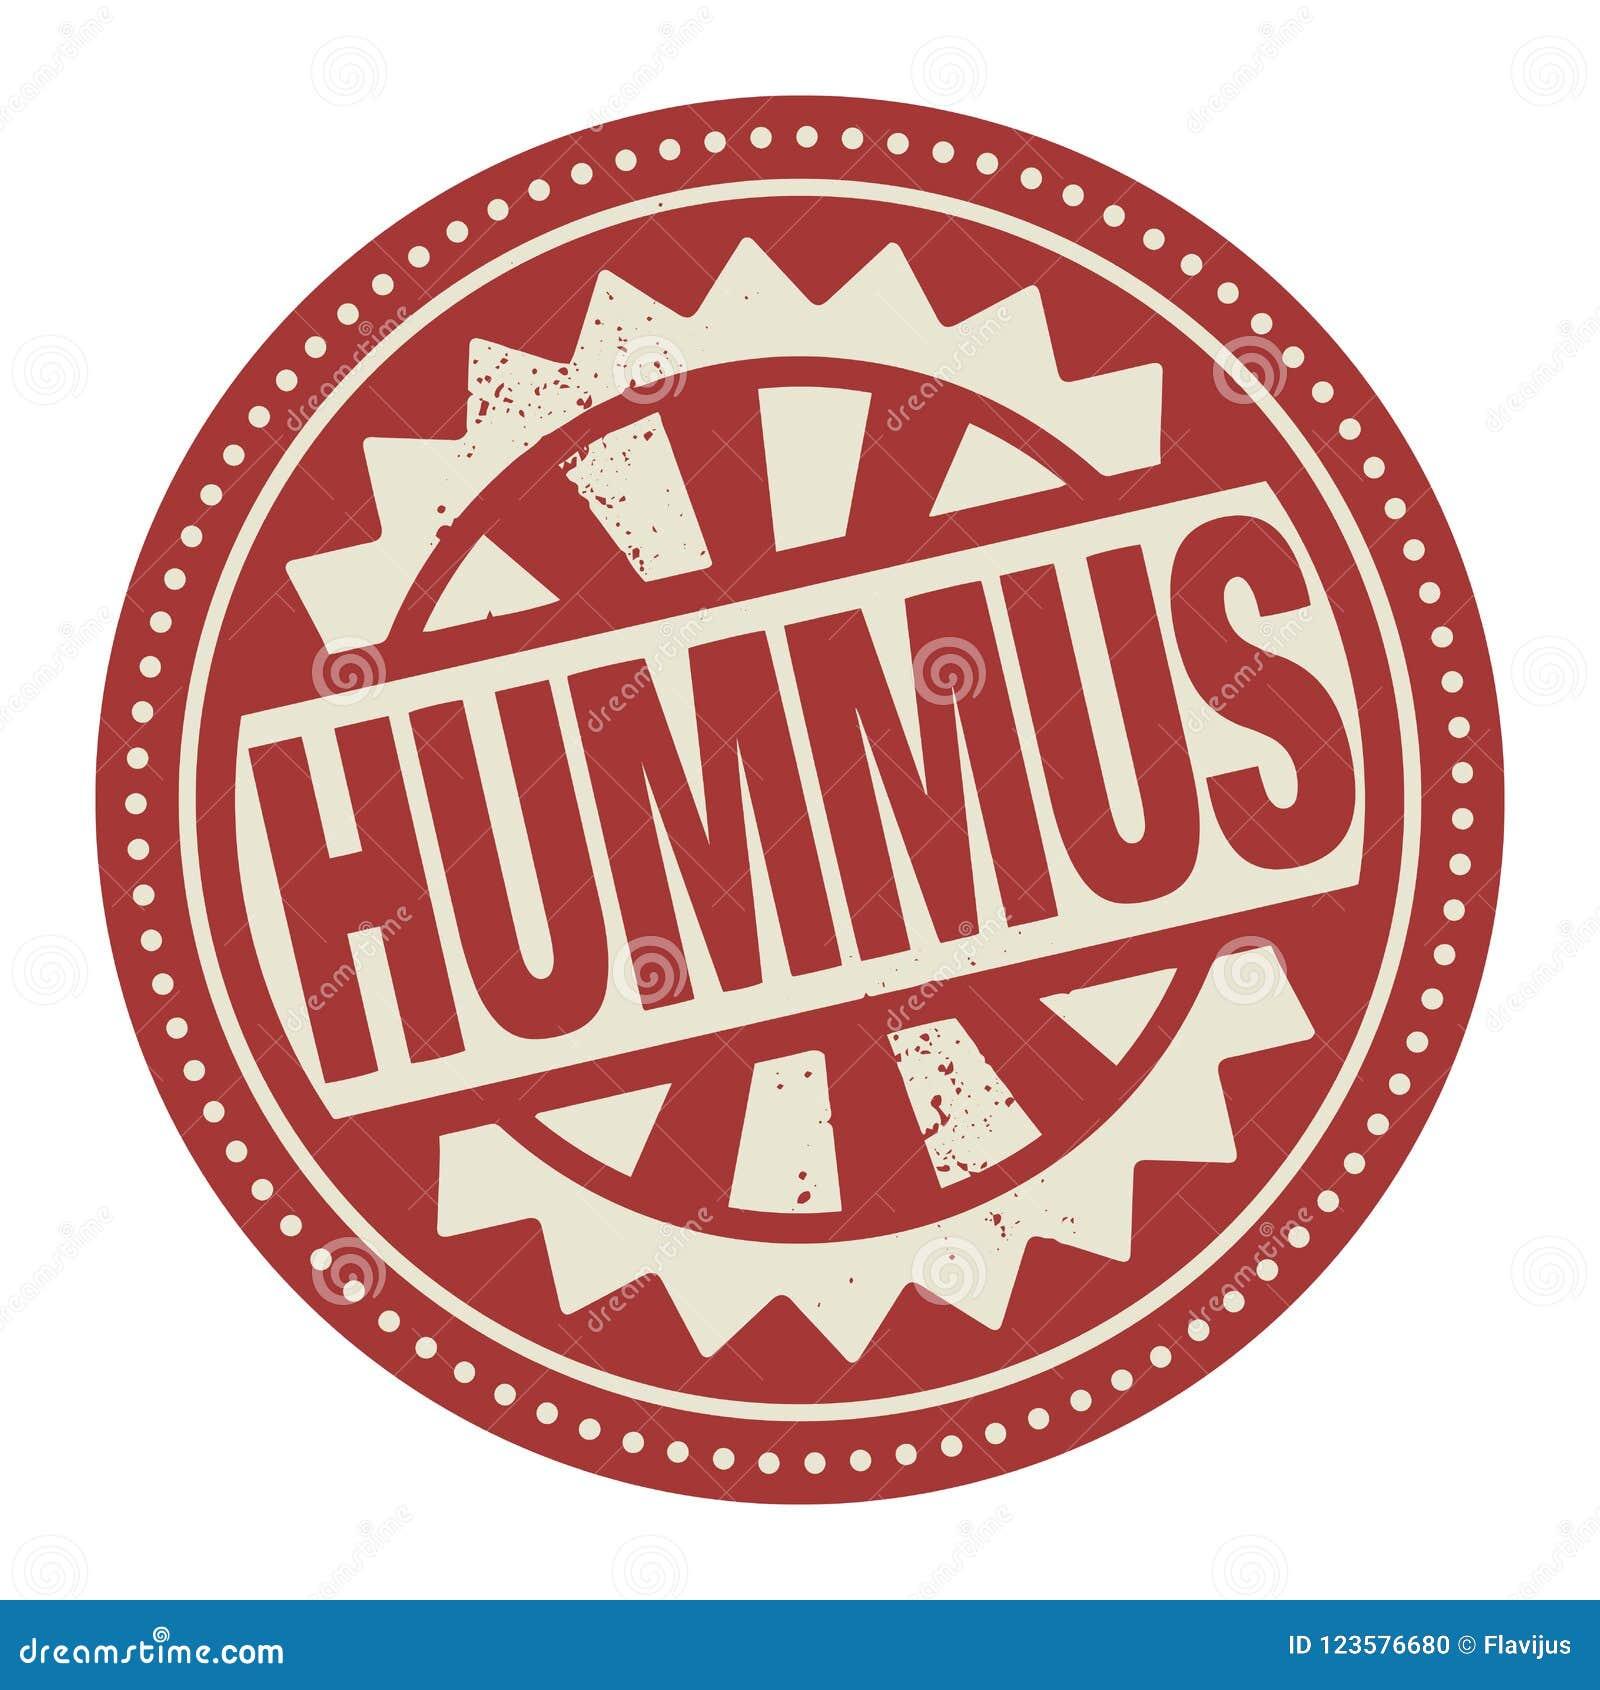 Абстрактные штемпель или ярлык с текстом Hummus написанным внутрь